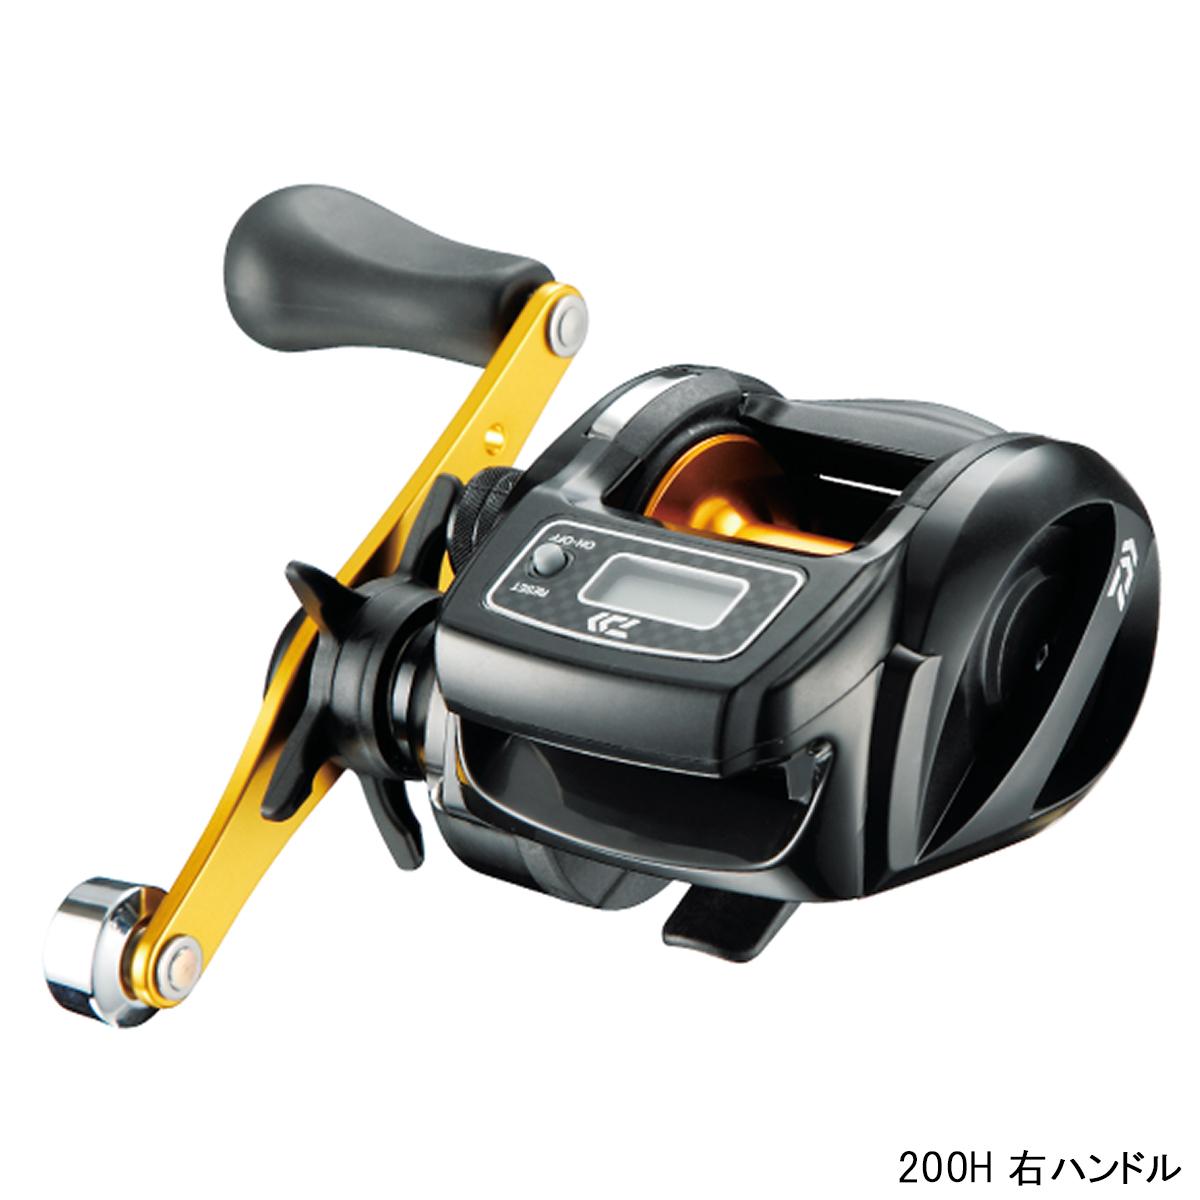 ダイワ ライトゲーム ICV 200H 右ハンドル(東日本店)